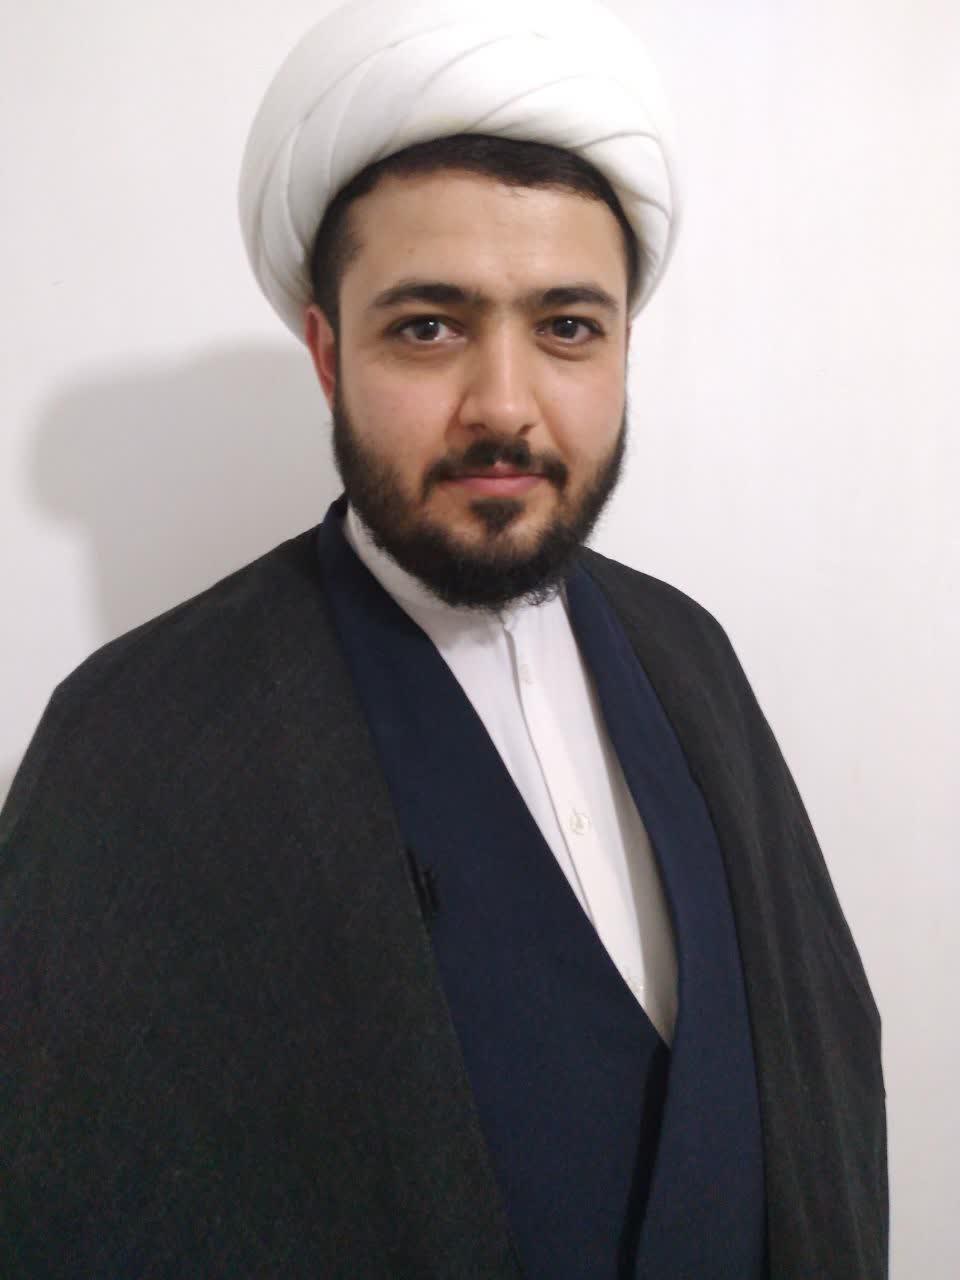 زندگینامه حجت الاسلام والمسلمین محمد حسین صانعیان